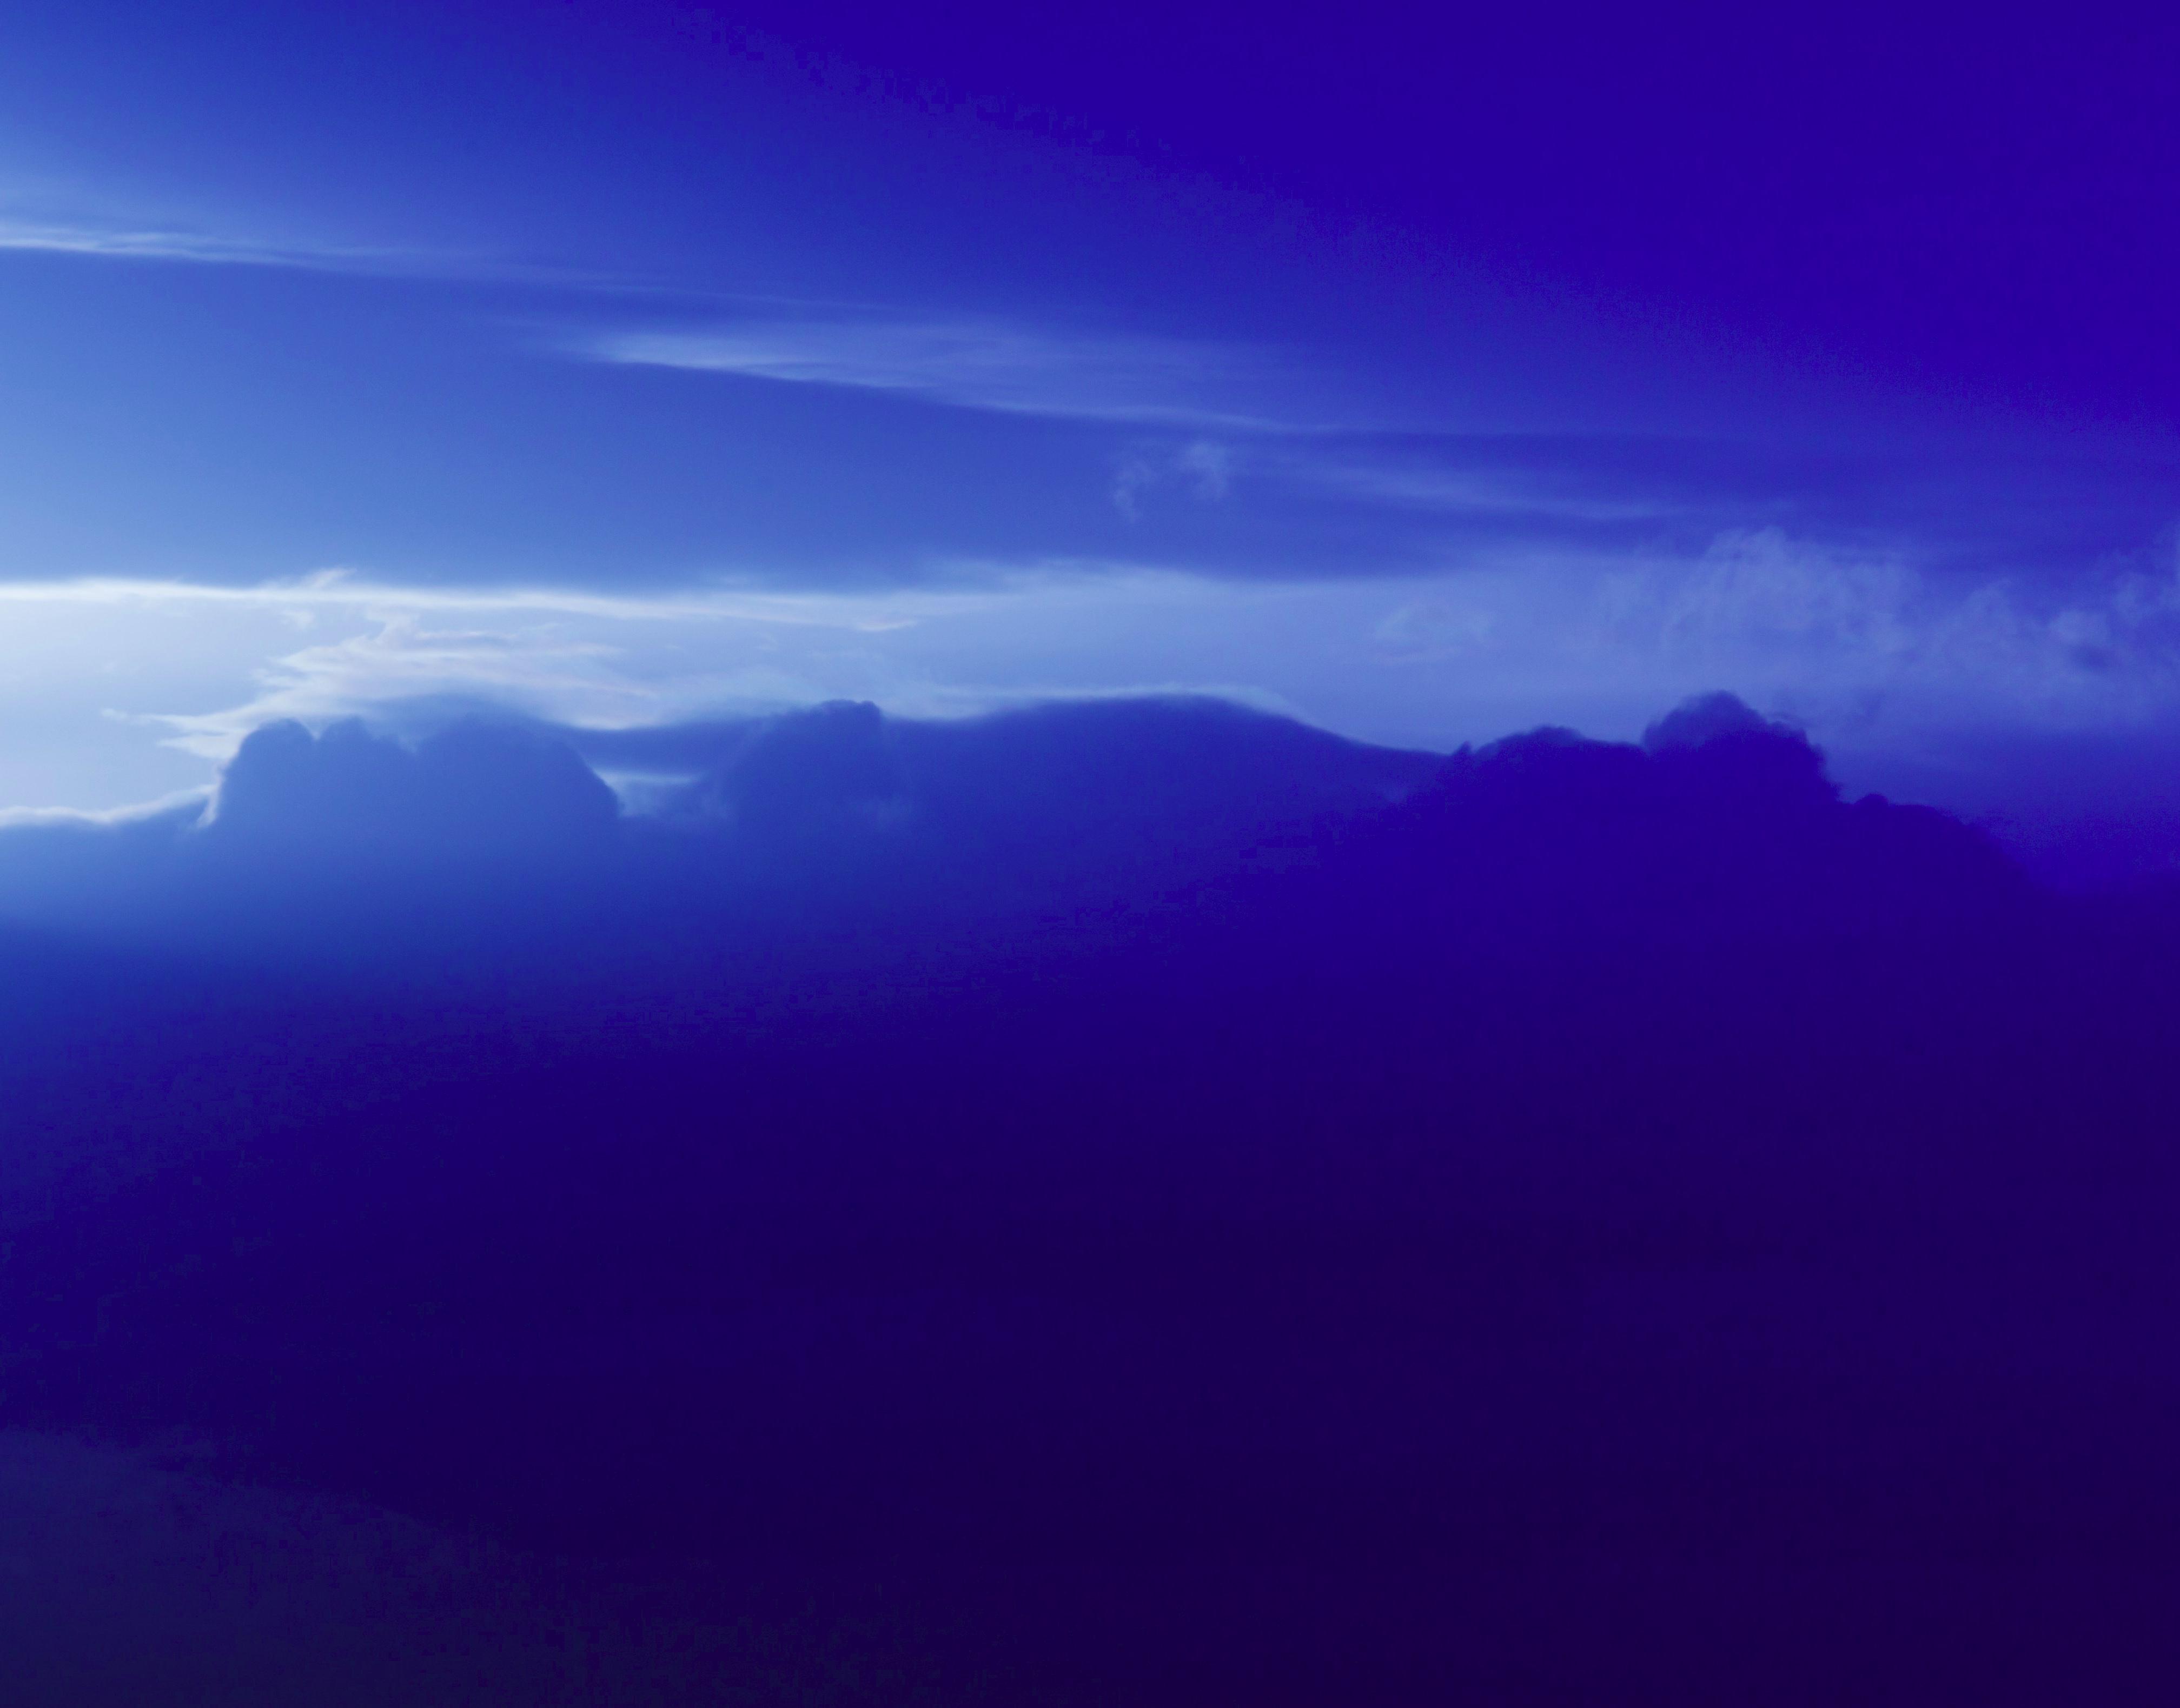 Dark Blue Sky Background: 30+ Blue Sky Backgrounds